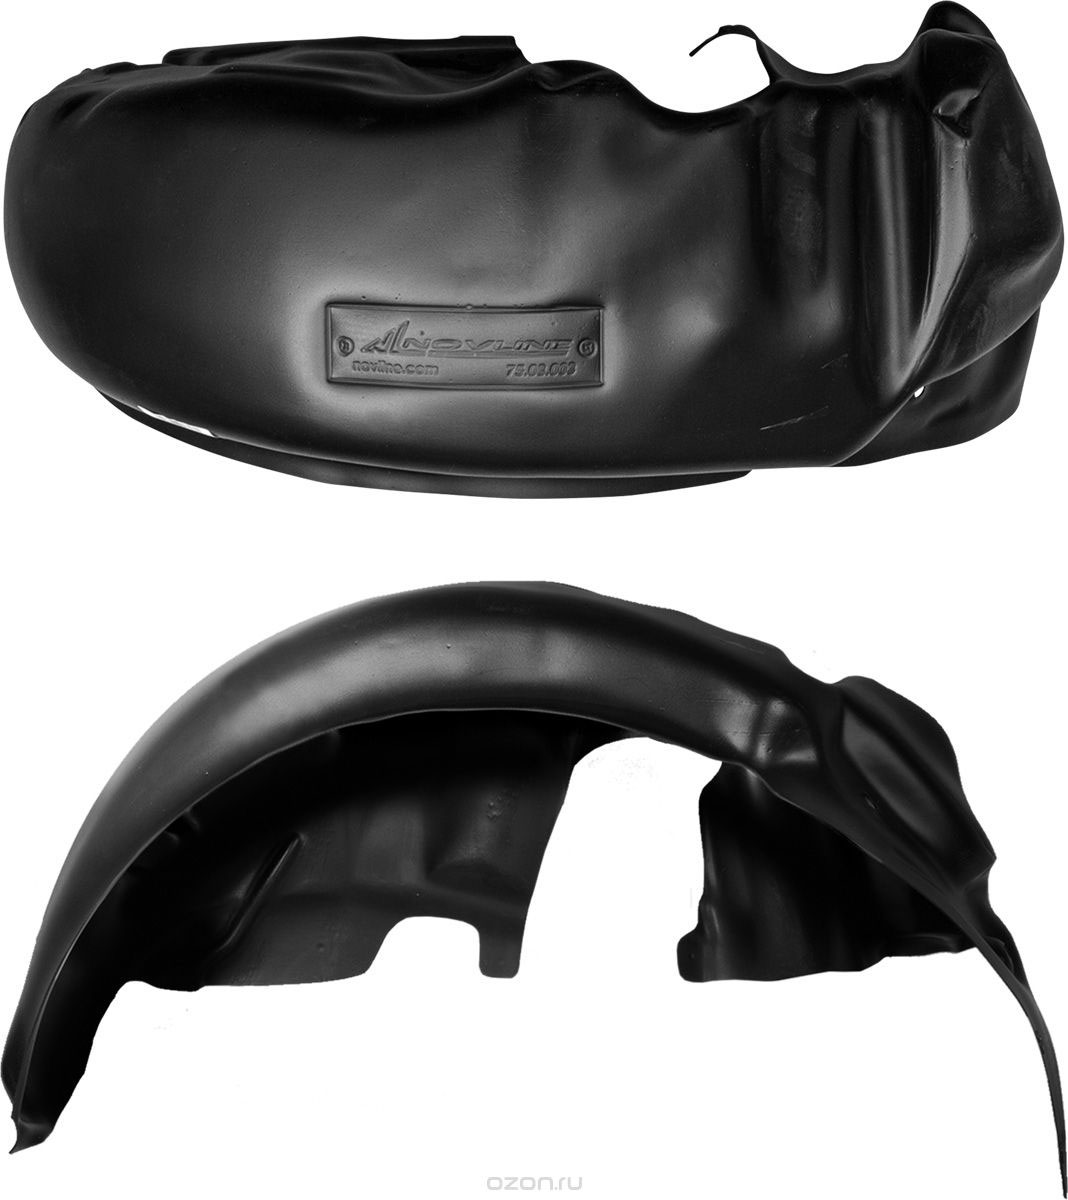 Подкрылок Novline-Autofamily, для NISSAN Tiida, 03/2015->, хэтчбек, передний правый42803003Идеальная защита колесной ниши. Локеры разработаны с применением цифровых технологий, гарантируют максимальную повторяемость поверхности арки. Изделия устанавливаются без нарушения лакокрасочного покрытия автомобиля, каждый подкрылок комплектуется крепежом. Уважаемые клиенты, обращаем ваше внимание, что фотографии на подкрылки универсальные и не отражают реальную форму изделия. При этом само изделие идет точно под размер указанного автомобиля.